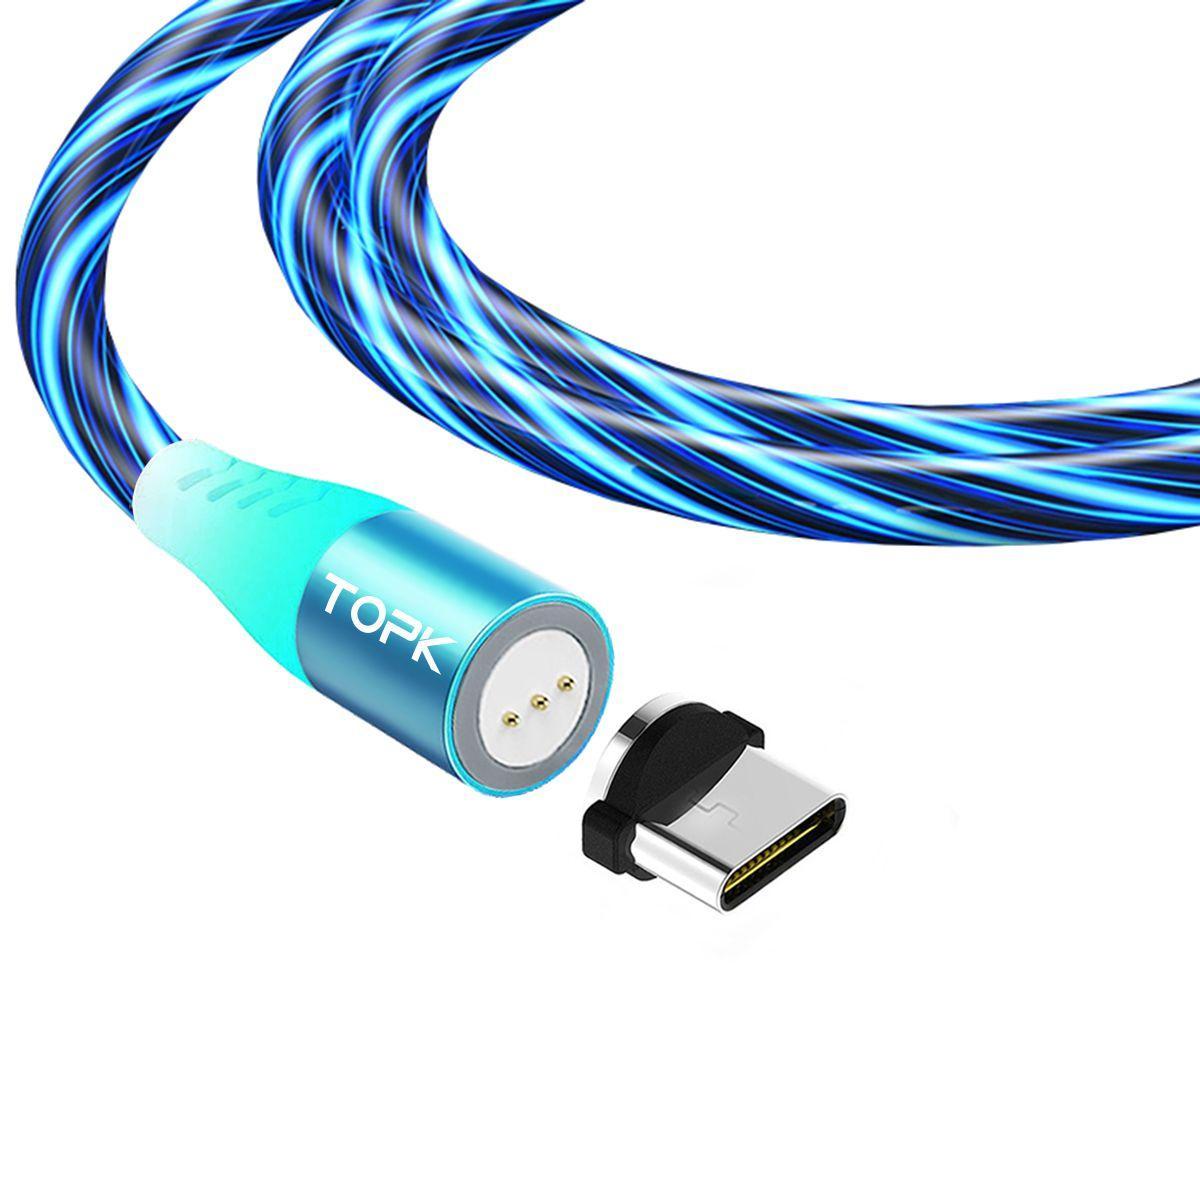 Магнітний кабель TOPK (AM16) type C (SRZ 5A) для заряджання і передачі даних (100 см) Blue